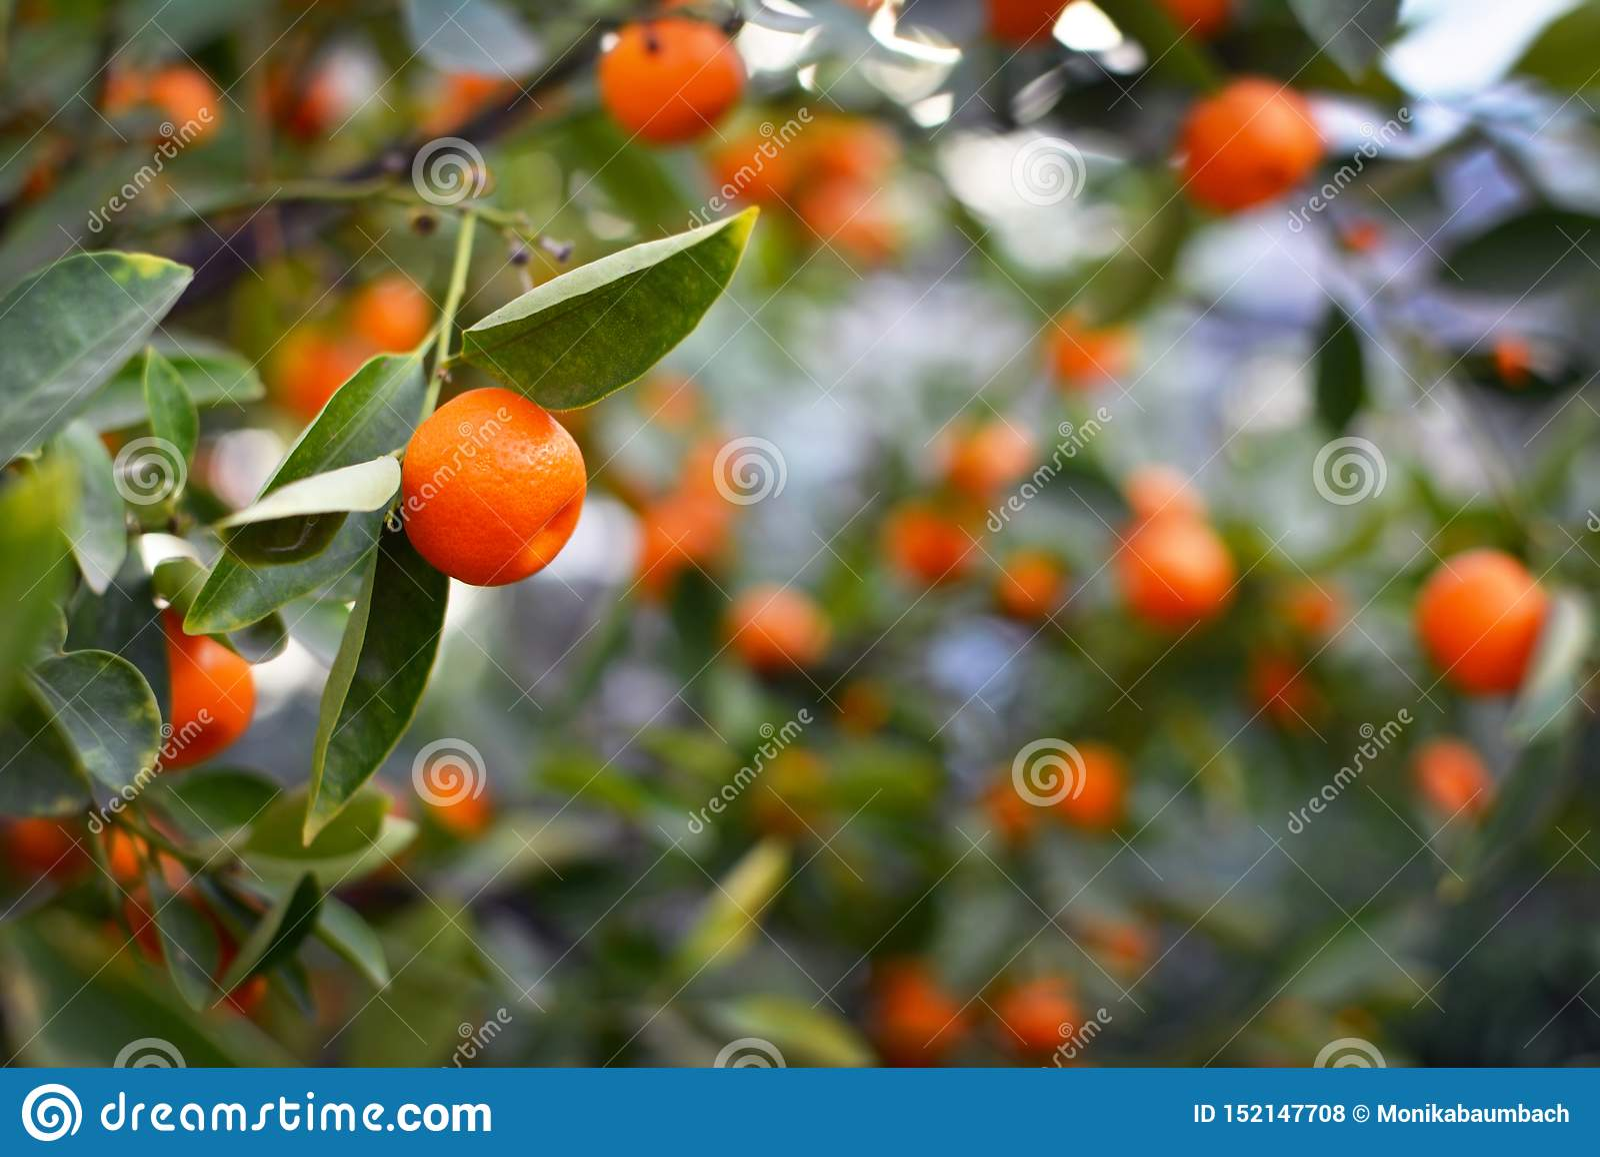 关闭一个Calamondin Citrofortunella Macrocarpa柑橘树桔子用模糊的果子和叶子在背景中